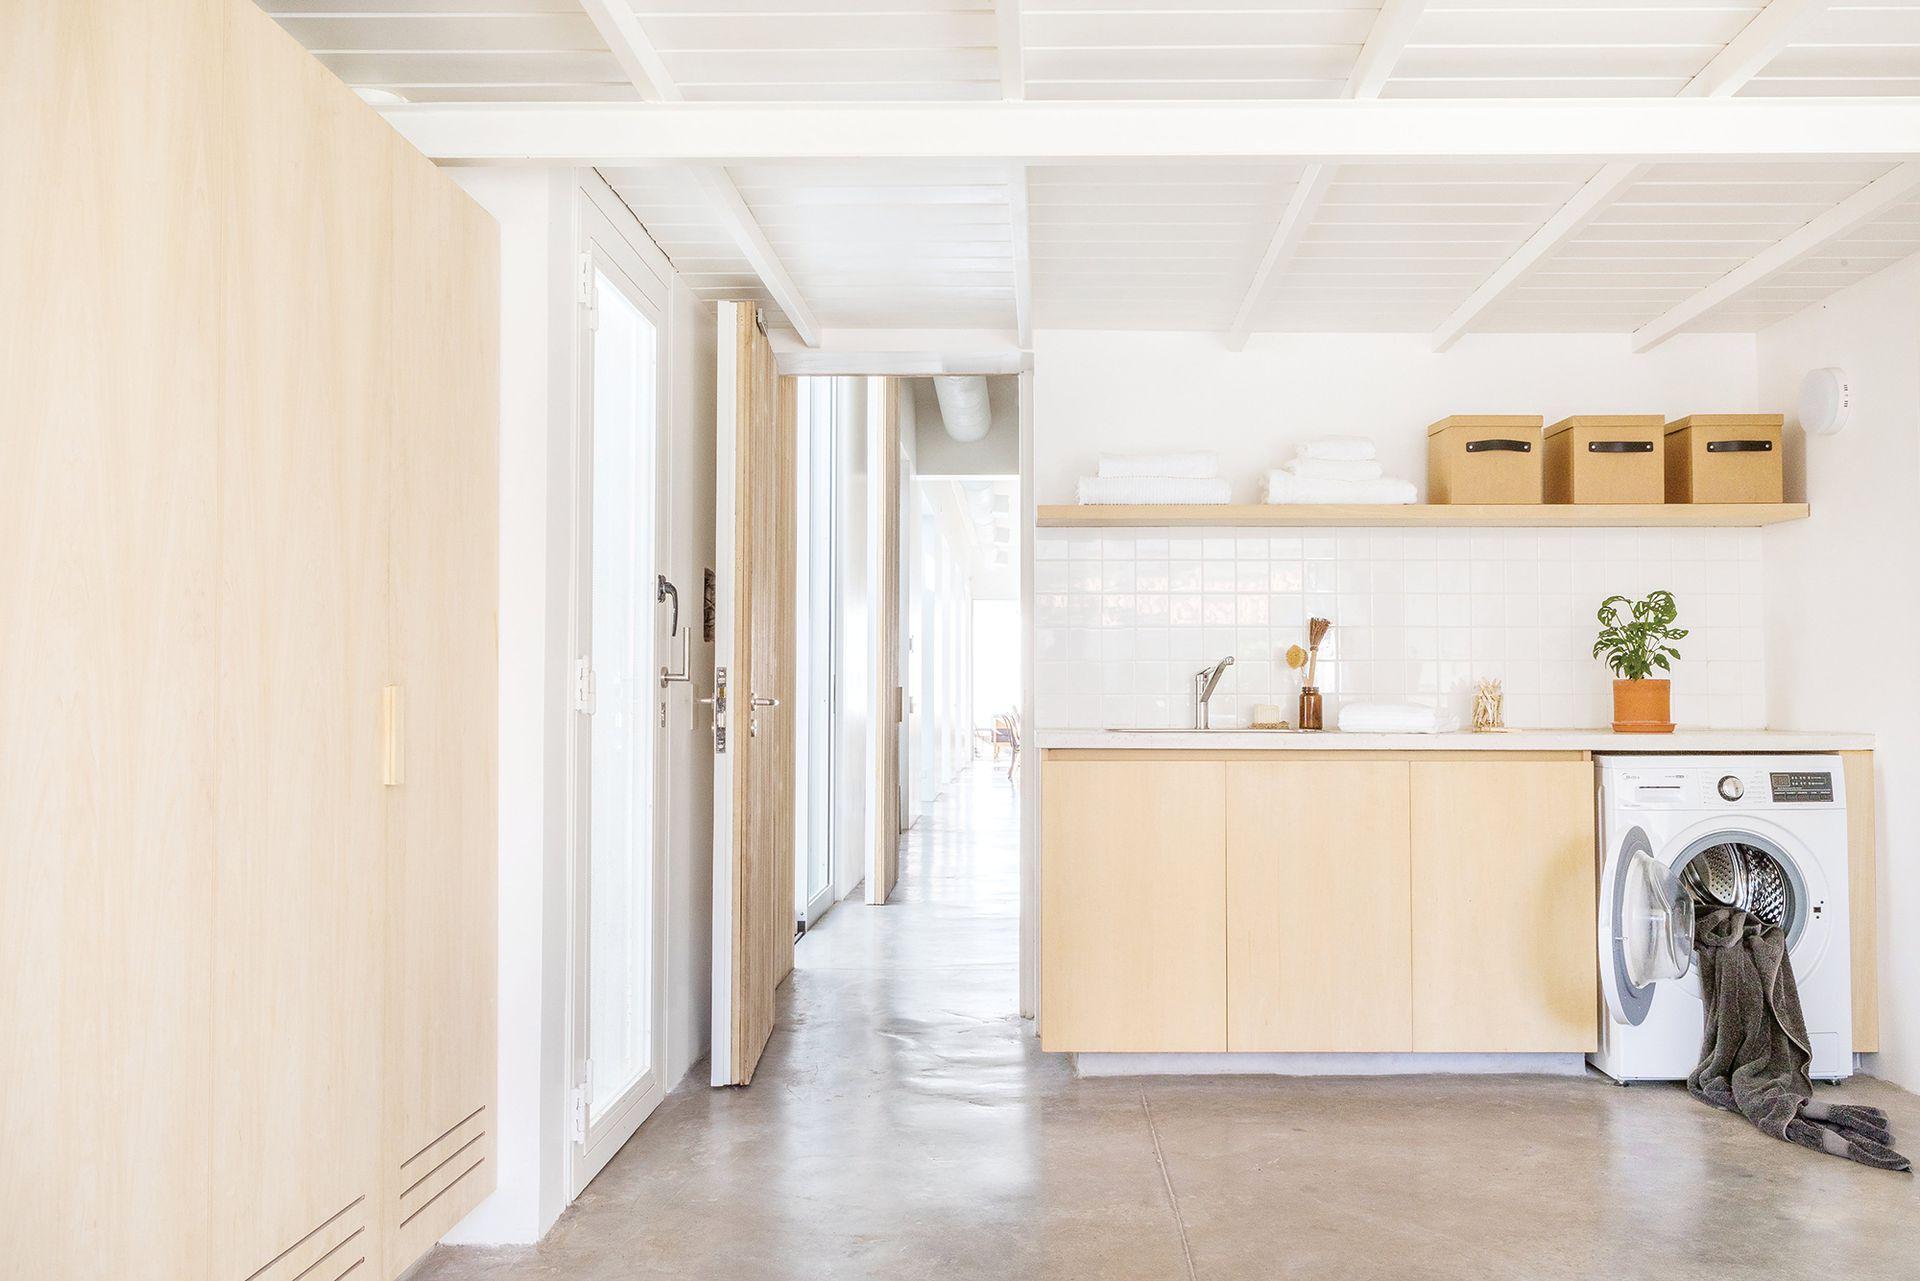 Mesada de cemento y concreto reforzado con fibra de vidrio. Alzada de azulejos (Acuarela). Bajomesada y placares en guatambú. Bacha (Johnson). Grifería (FV).